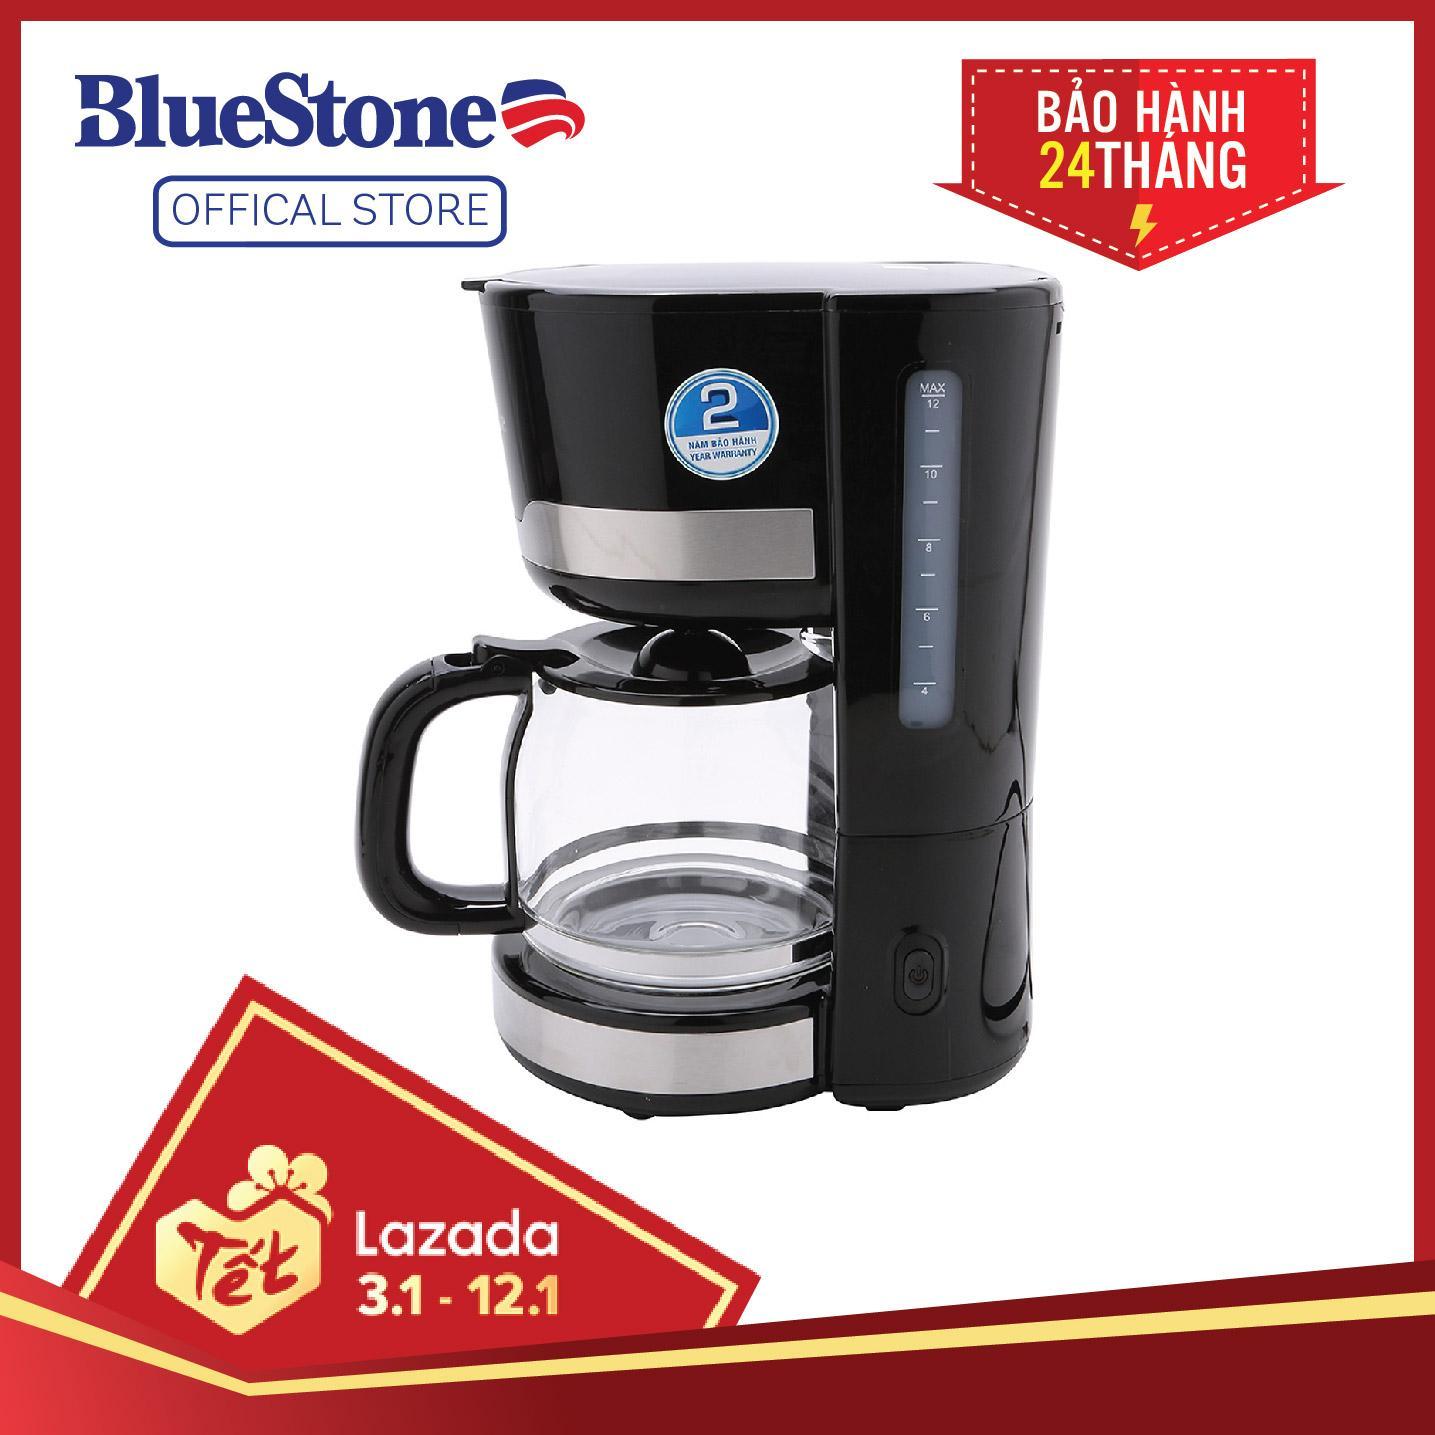 Máy pha cà phê Bluestone CMB-2635 1.5L - Chế độ giữ ấm 40 Phút - Công suất 1000W - Bảo hành 2 năm - Hàng chính hãng